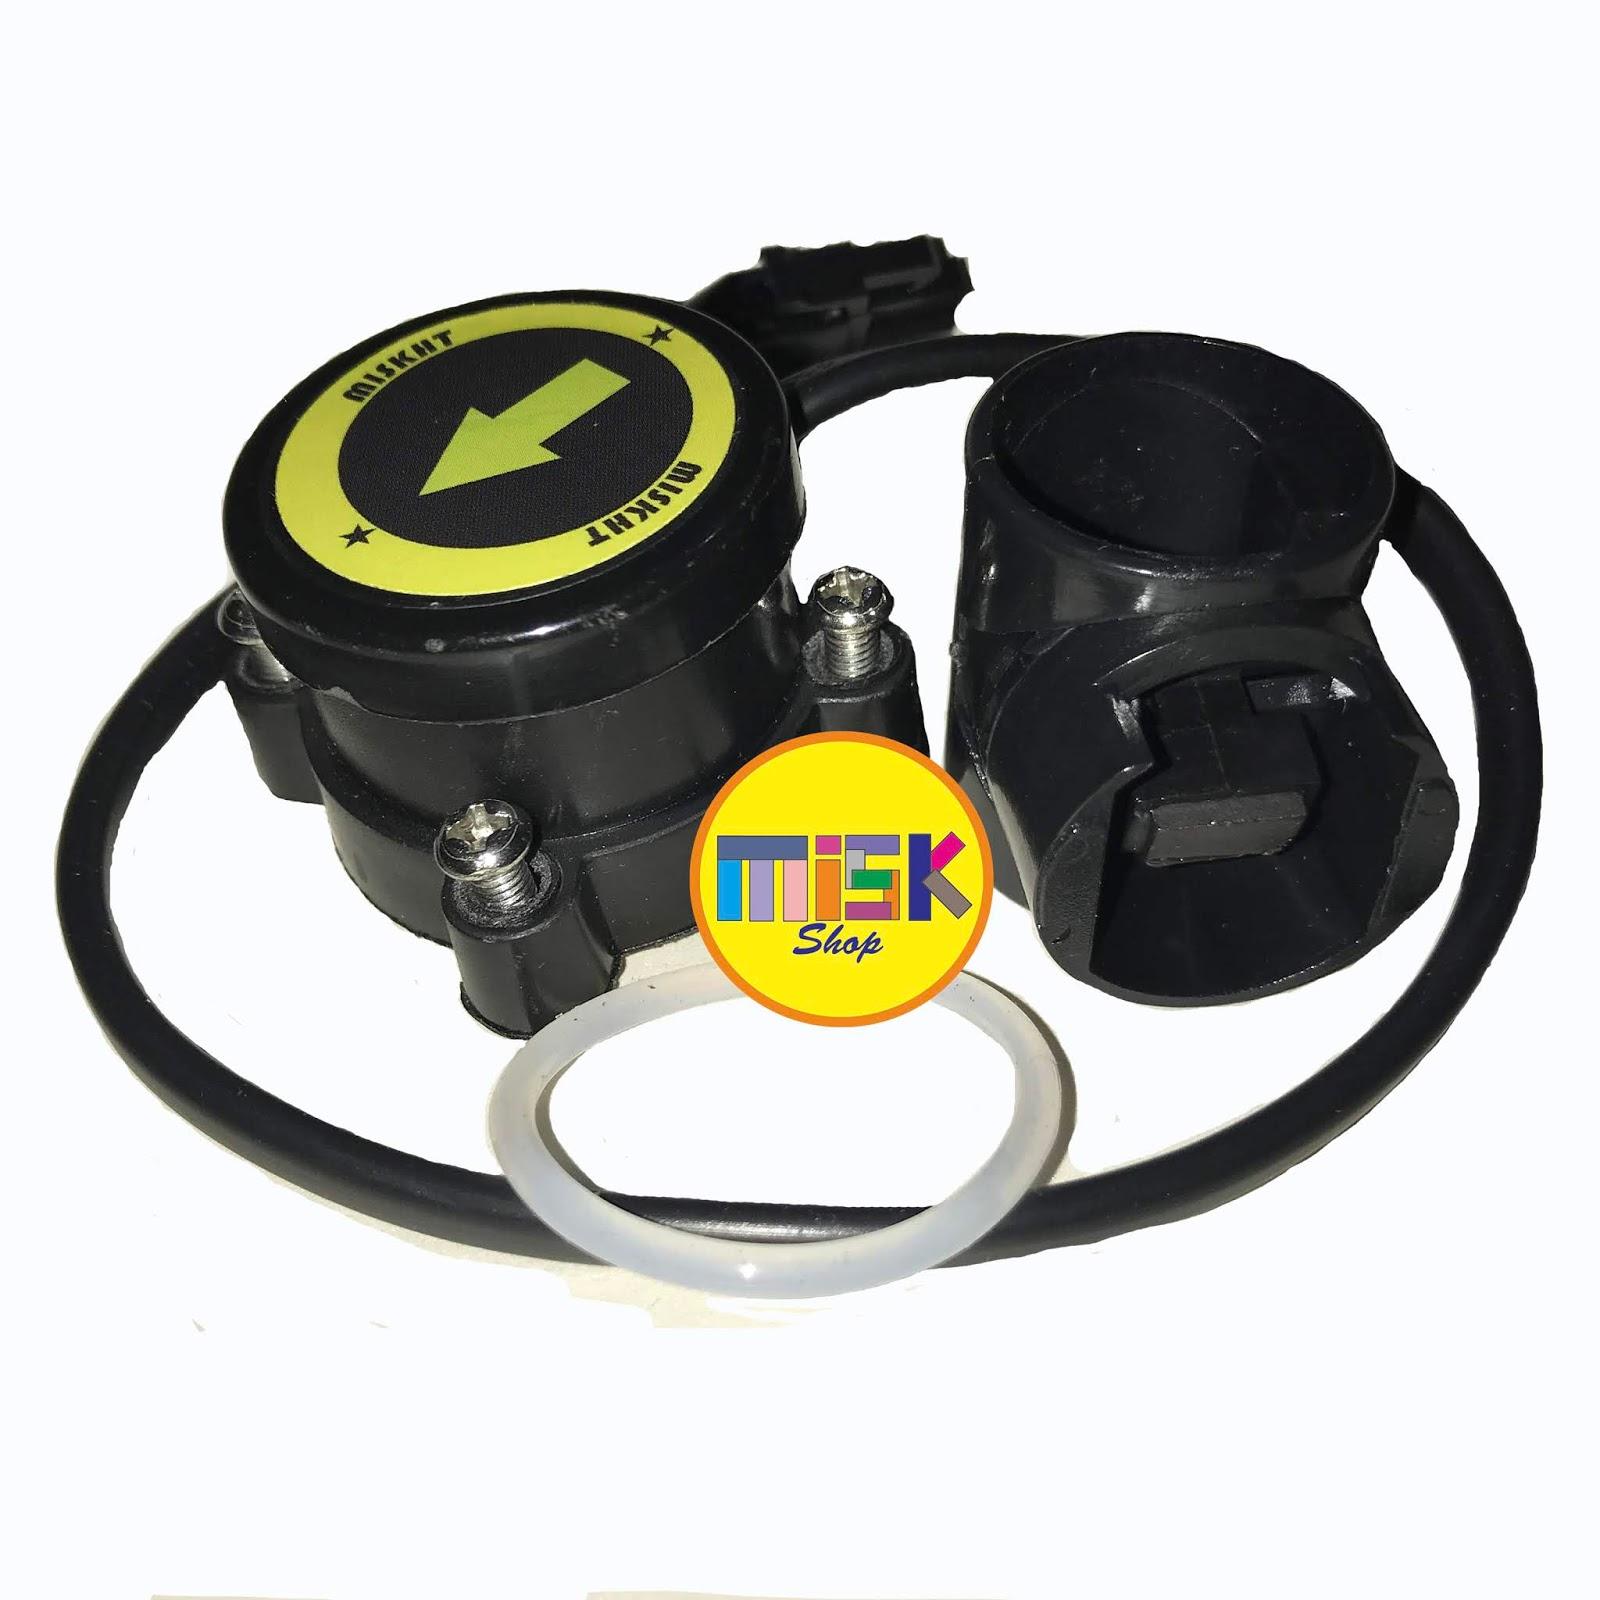 Jual Flow Switch Saklar Otomatis Untuk Pompa Air Harga Murah Pressure Model Ori Sanyo York Sparepart Kini Tersedia Juga